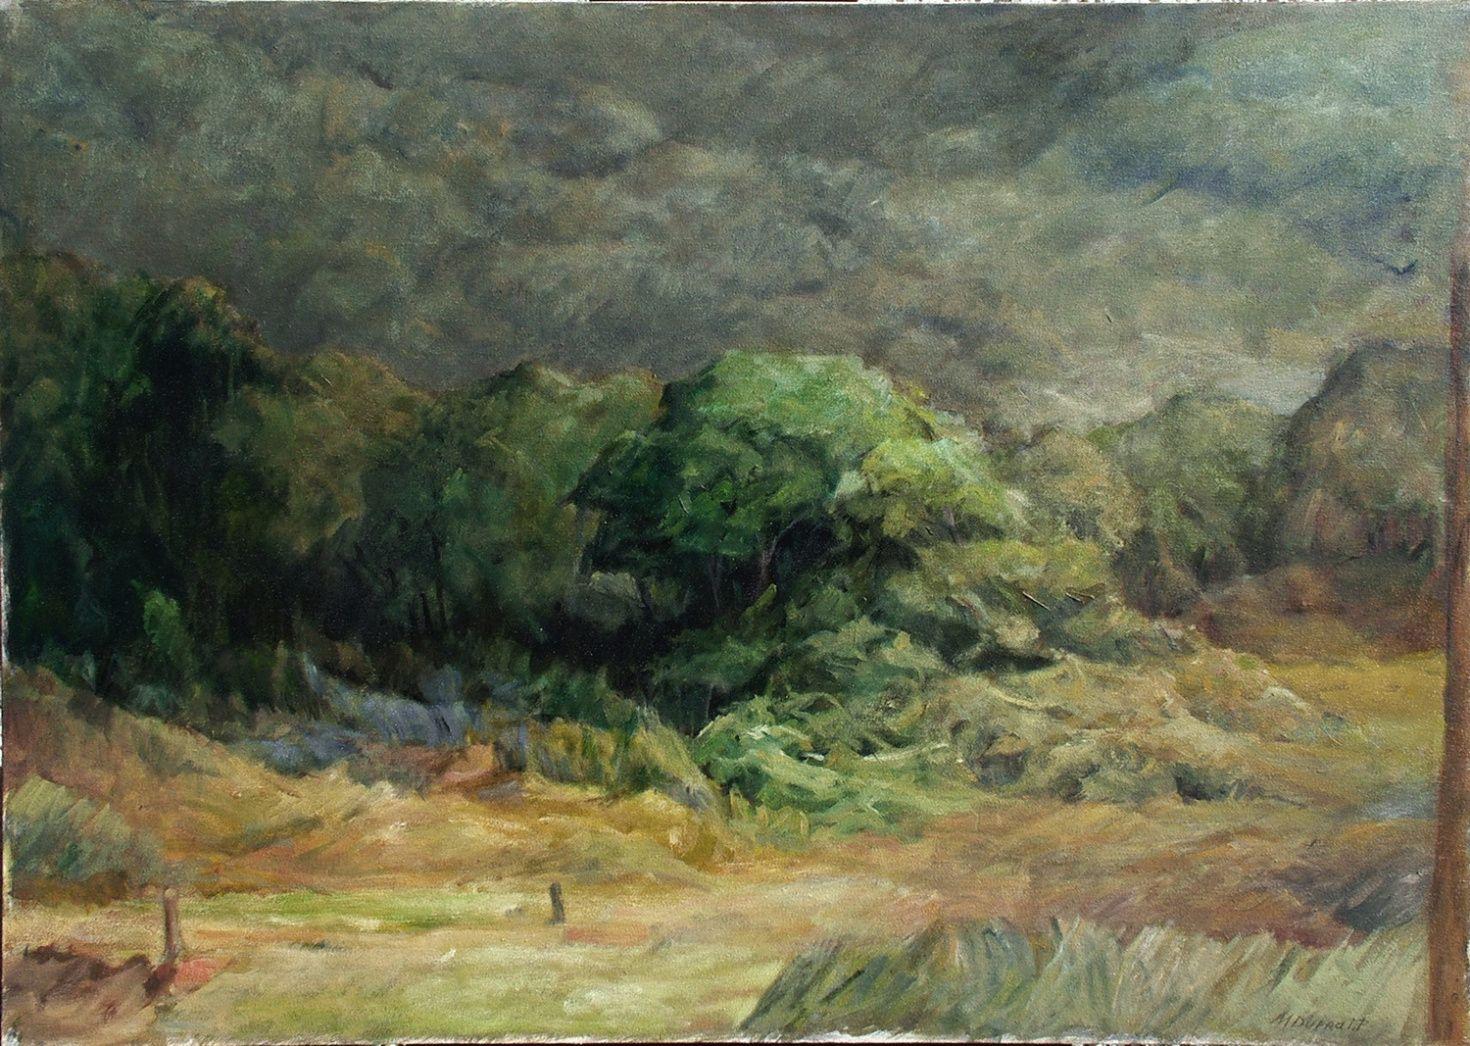 Pinturas e pesquisas de Marcelo Duprat